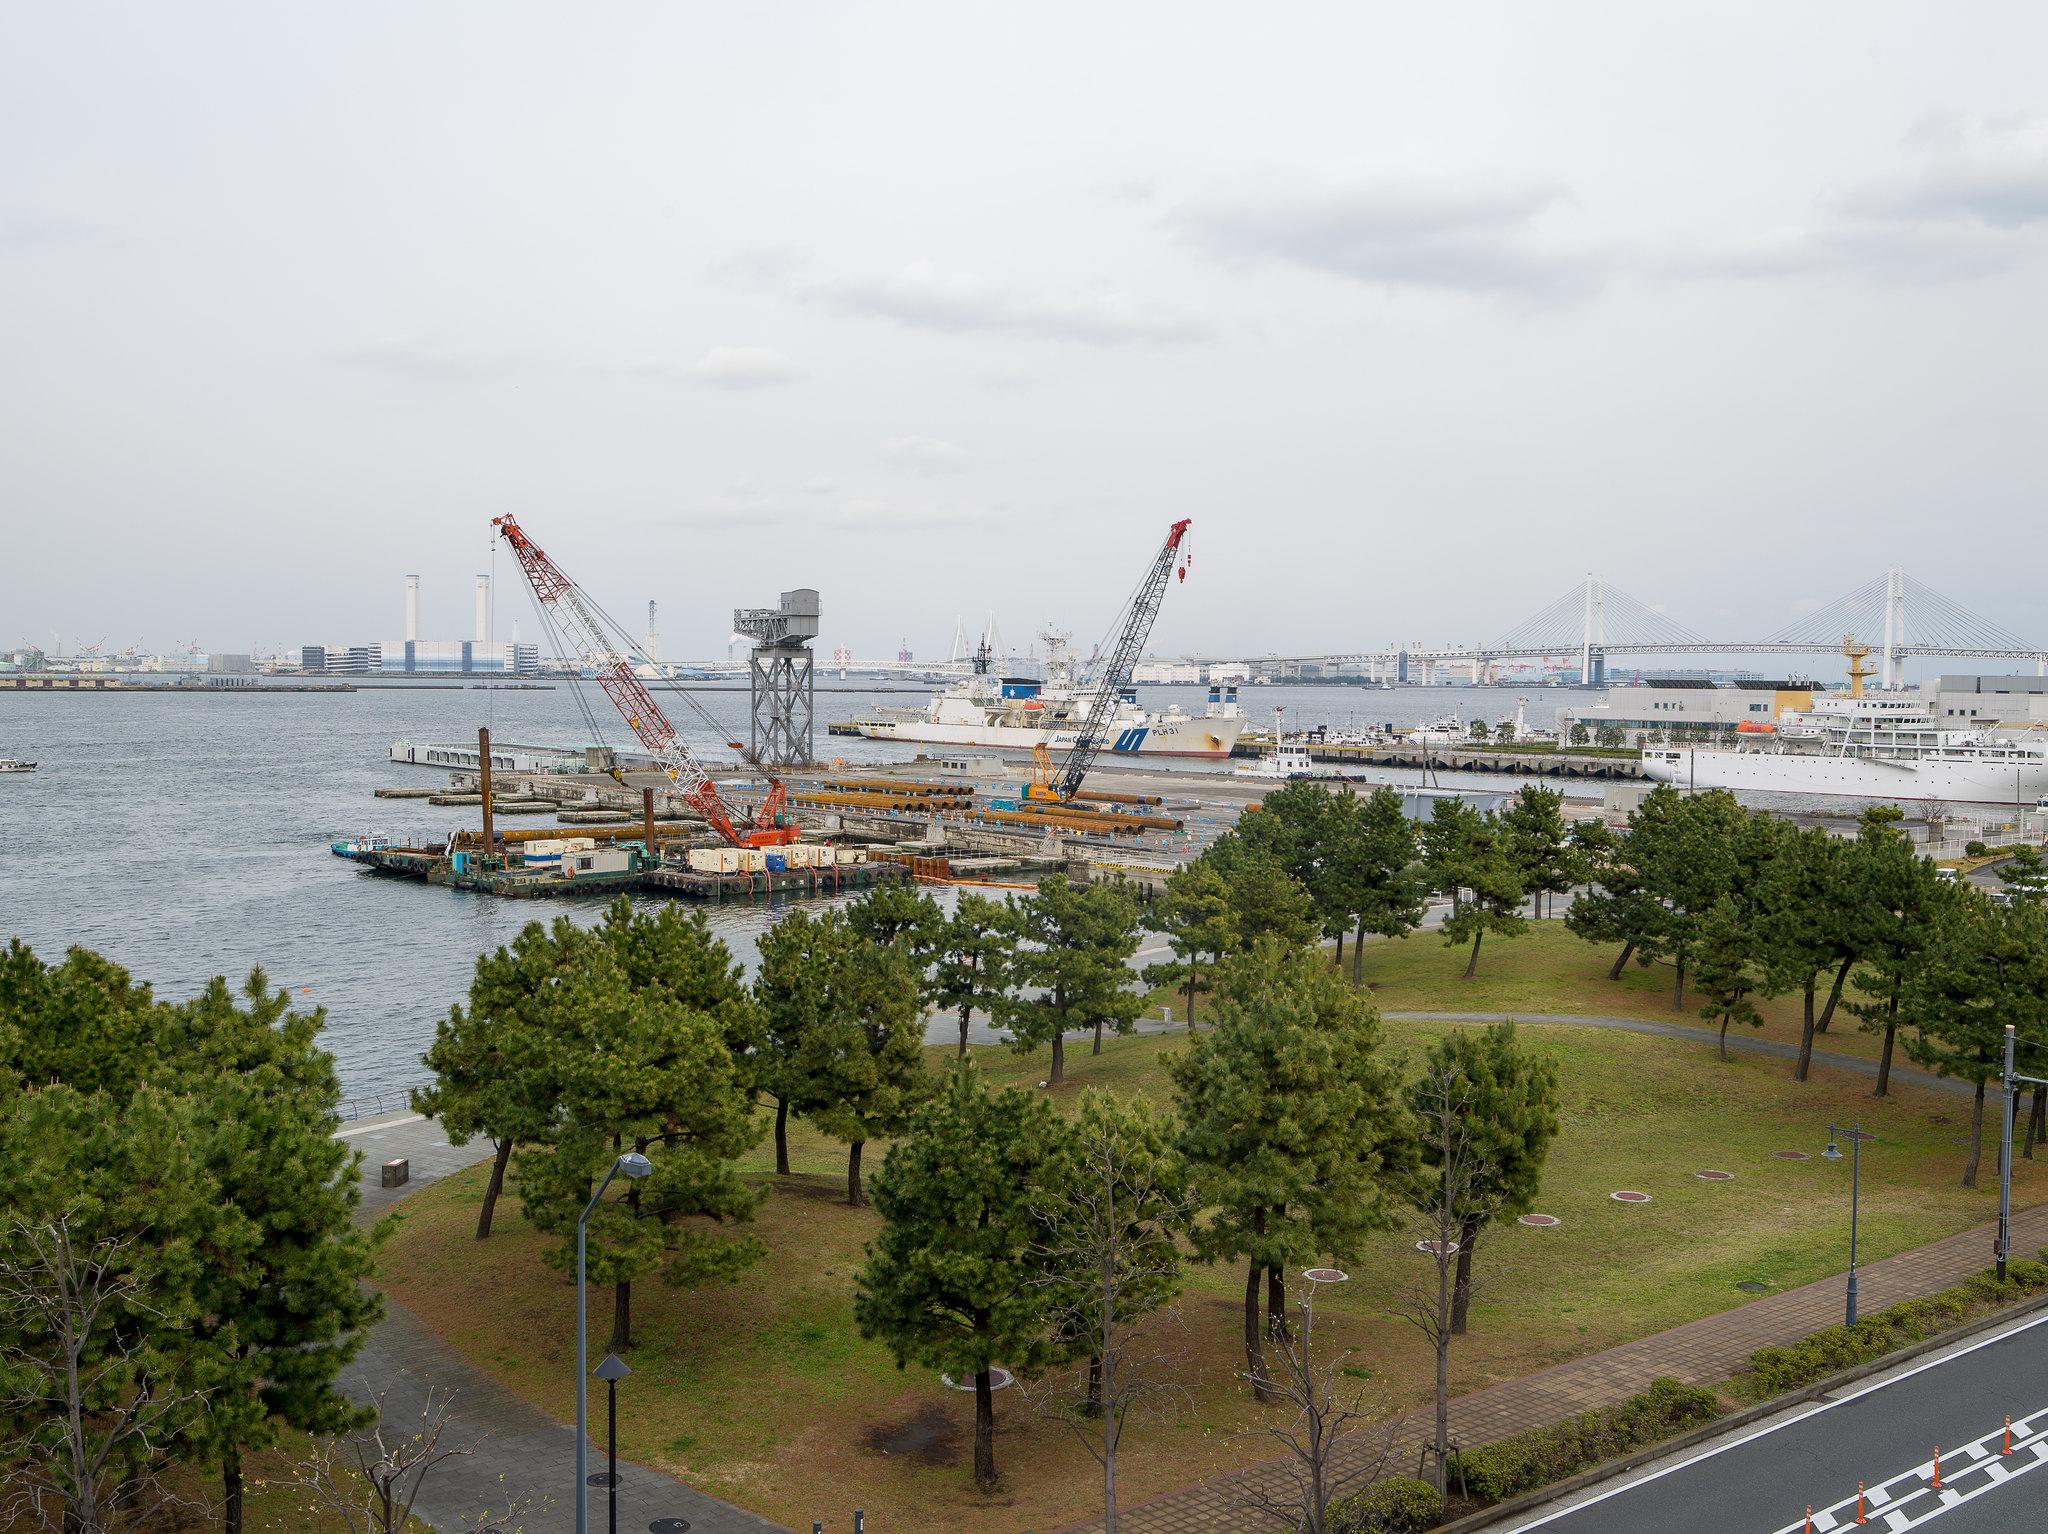 2017_全家東京賞櫻自由行_645D + 28-45mm + 55mm + 90mm macro